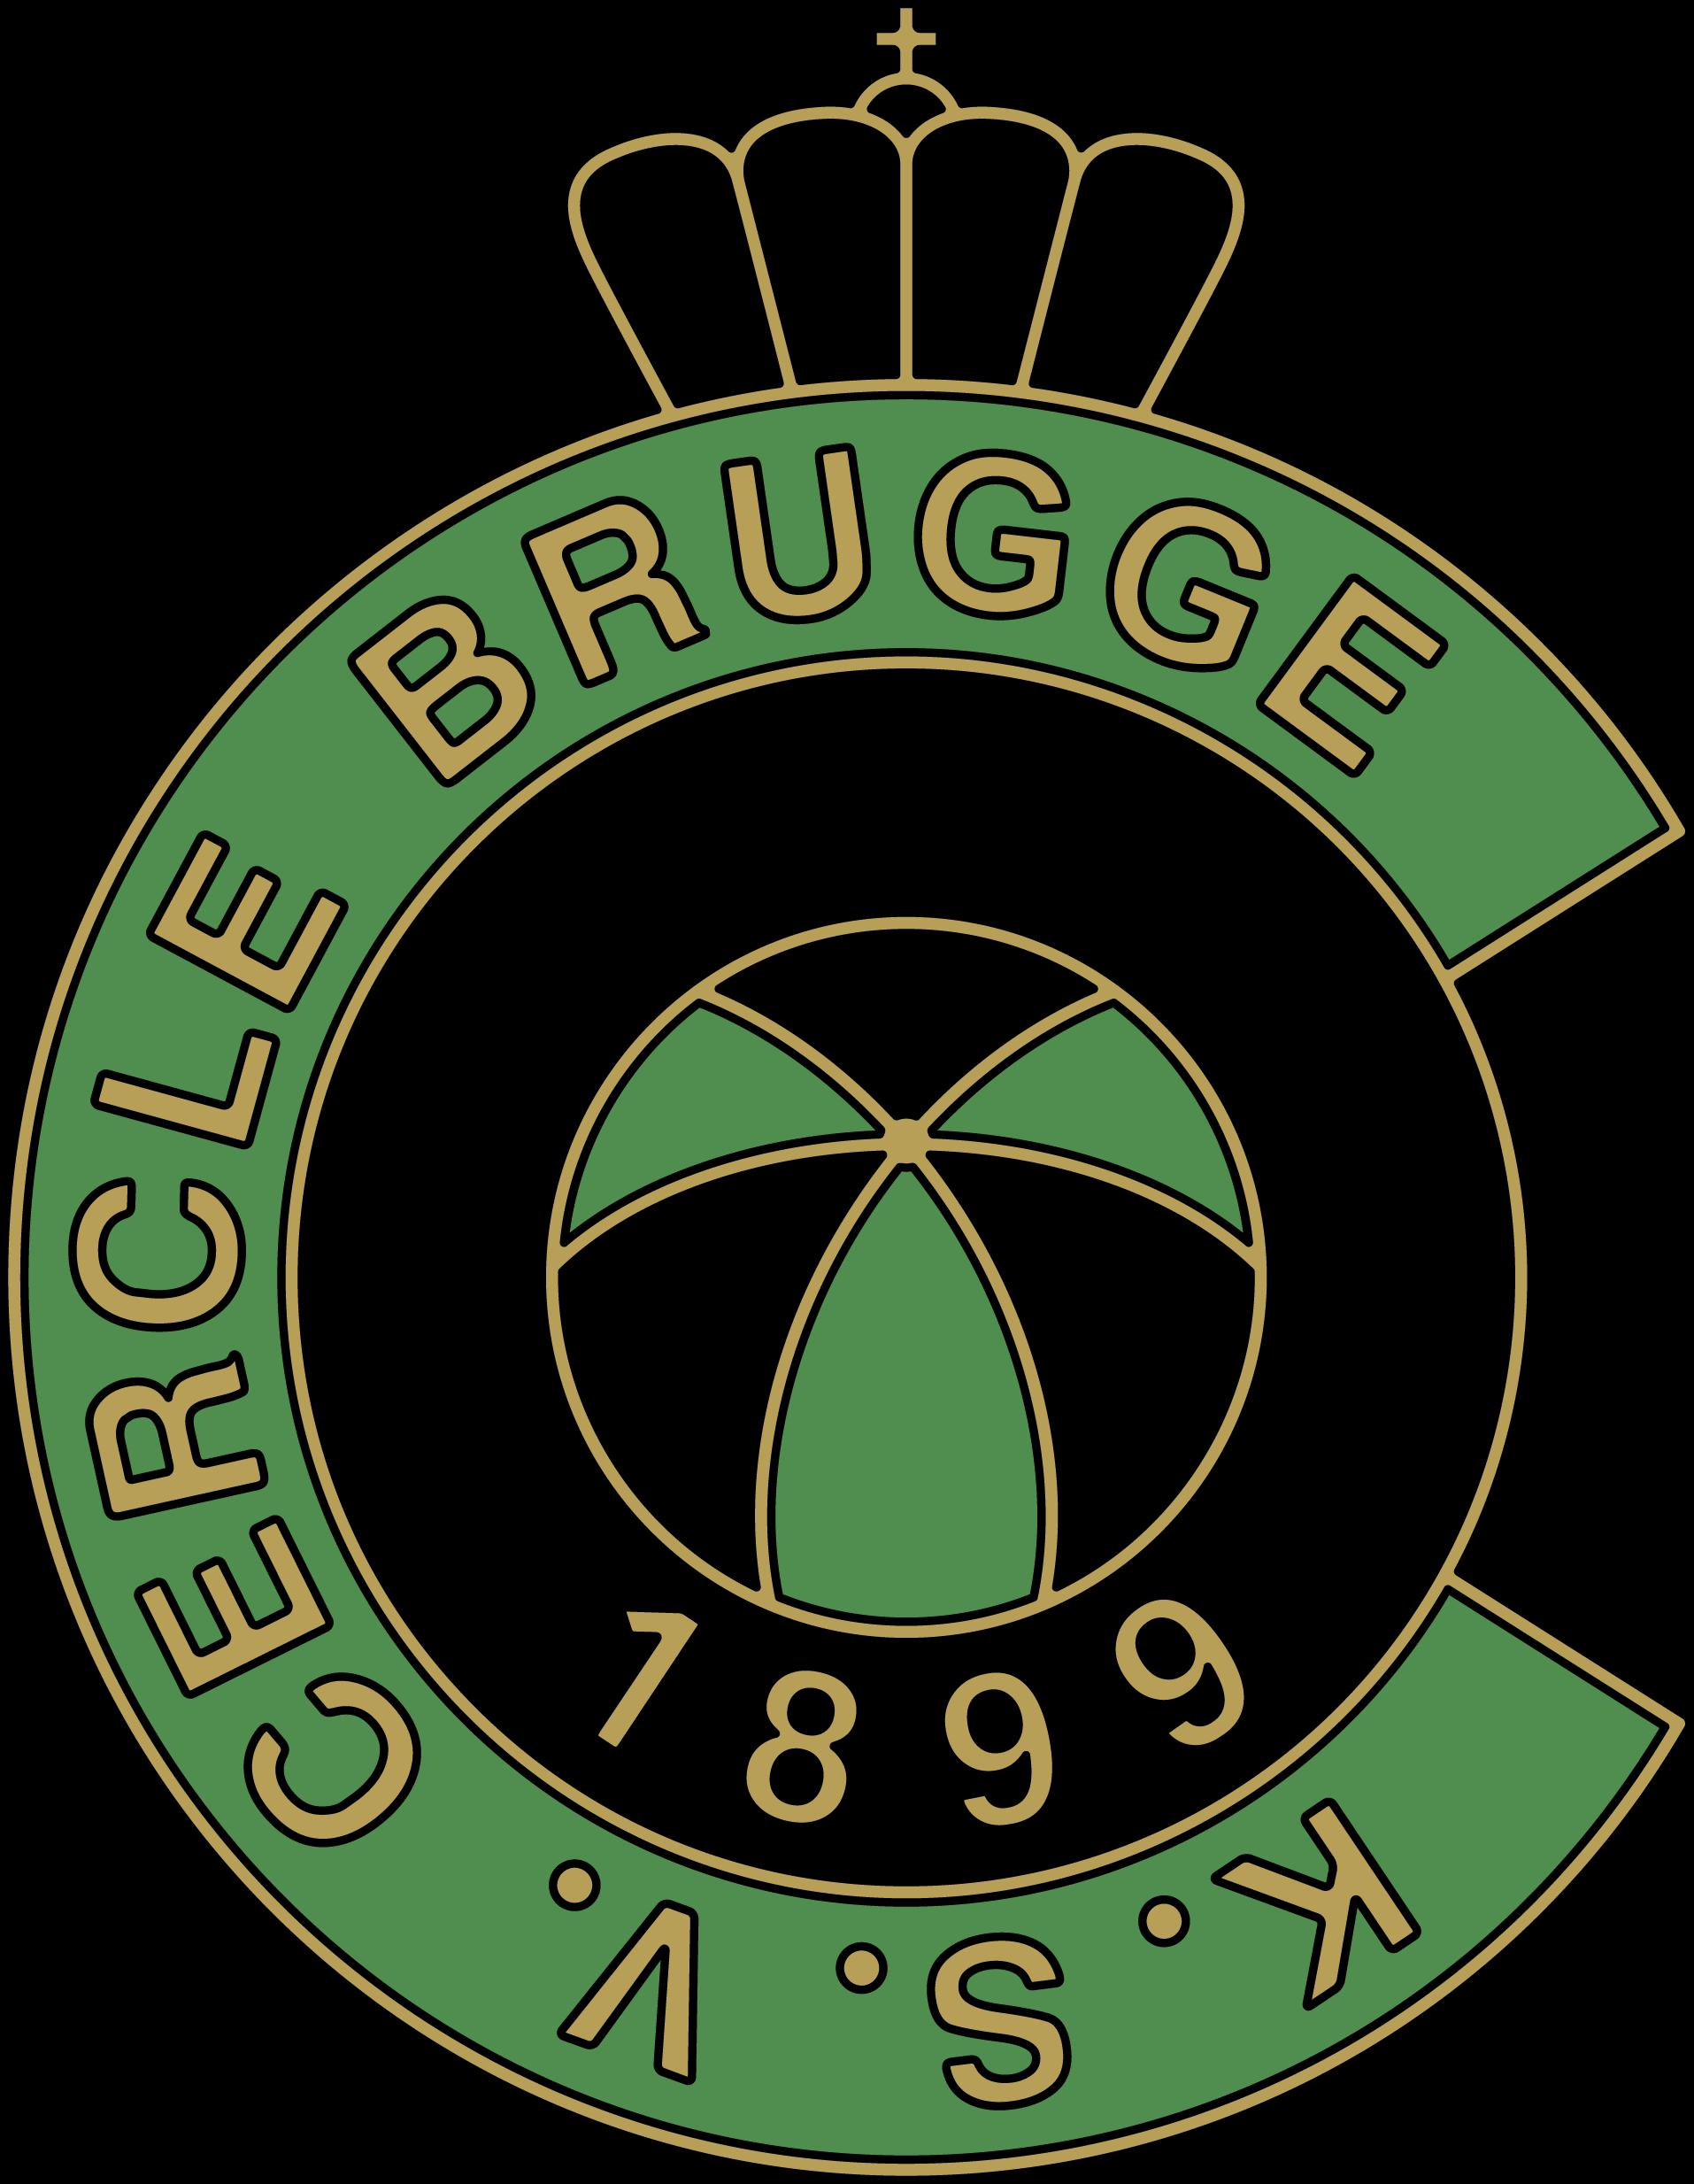 Ksv Cercle Brugge Football Logo Football Team Teams